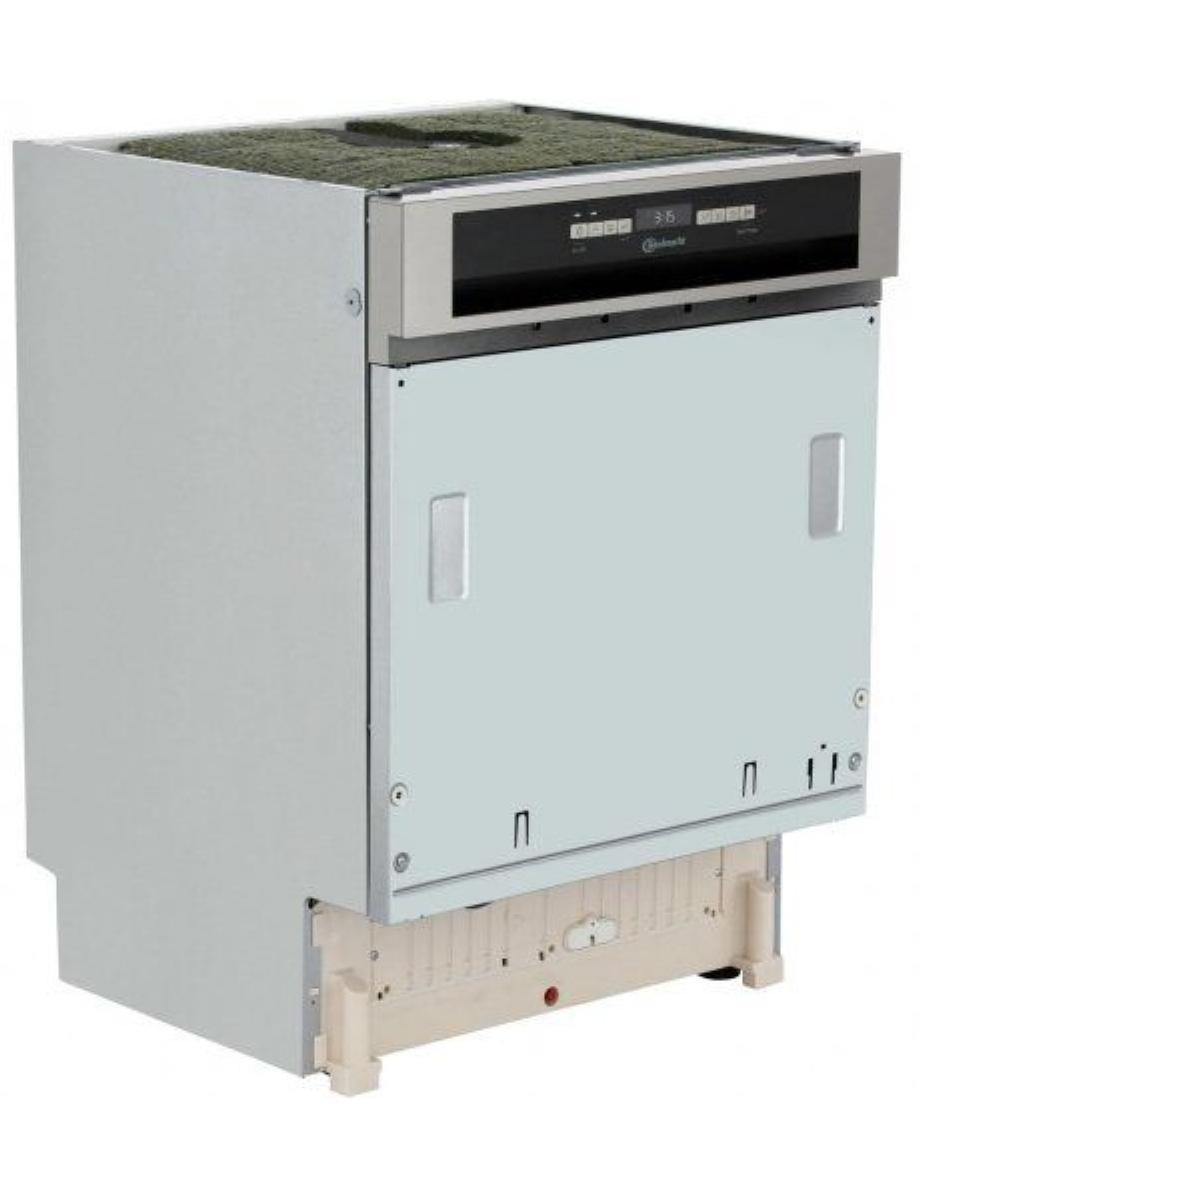 Bauknecht IBBO 3C34 X beépíthető mosogatógép